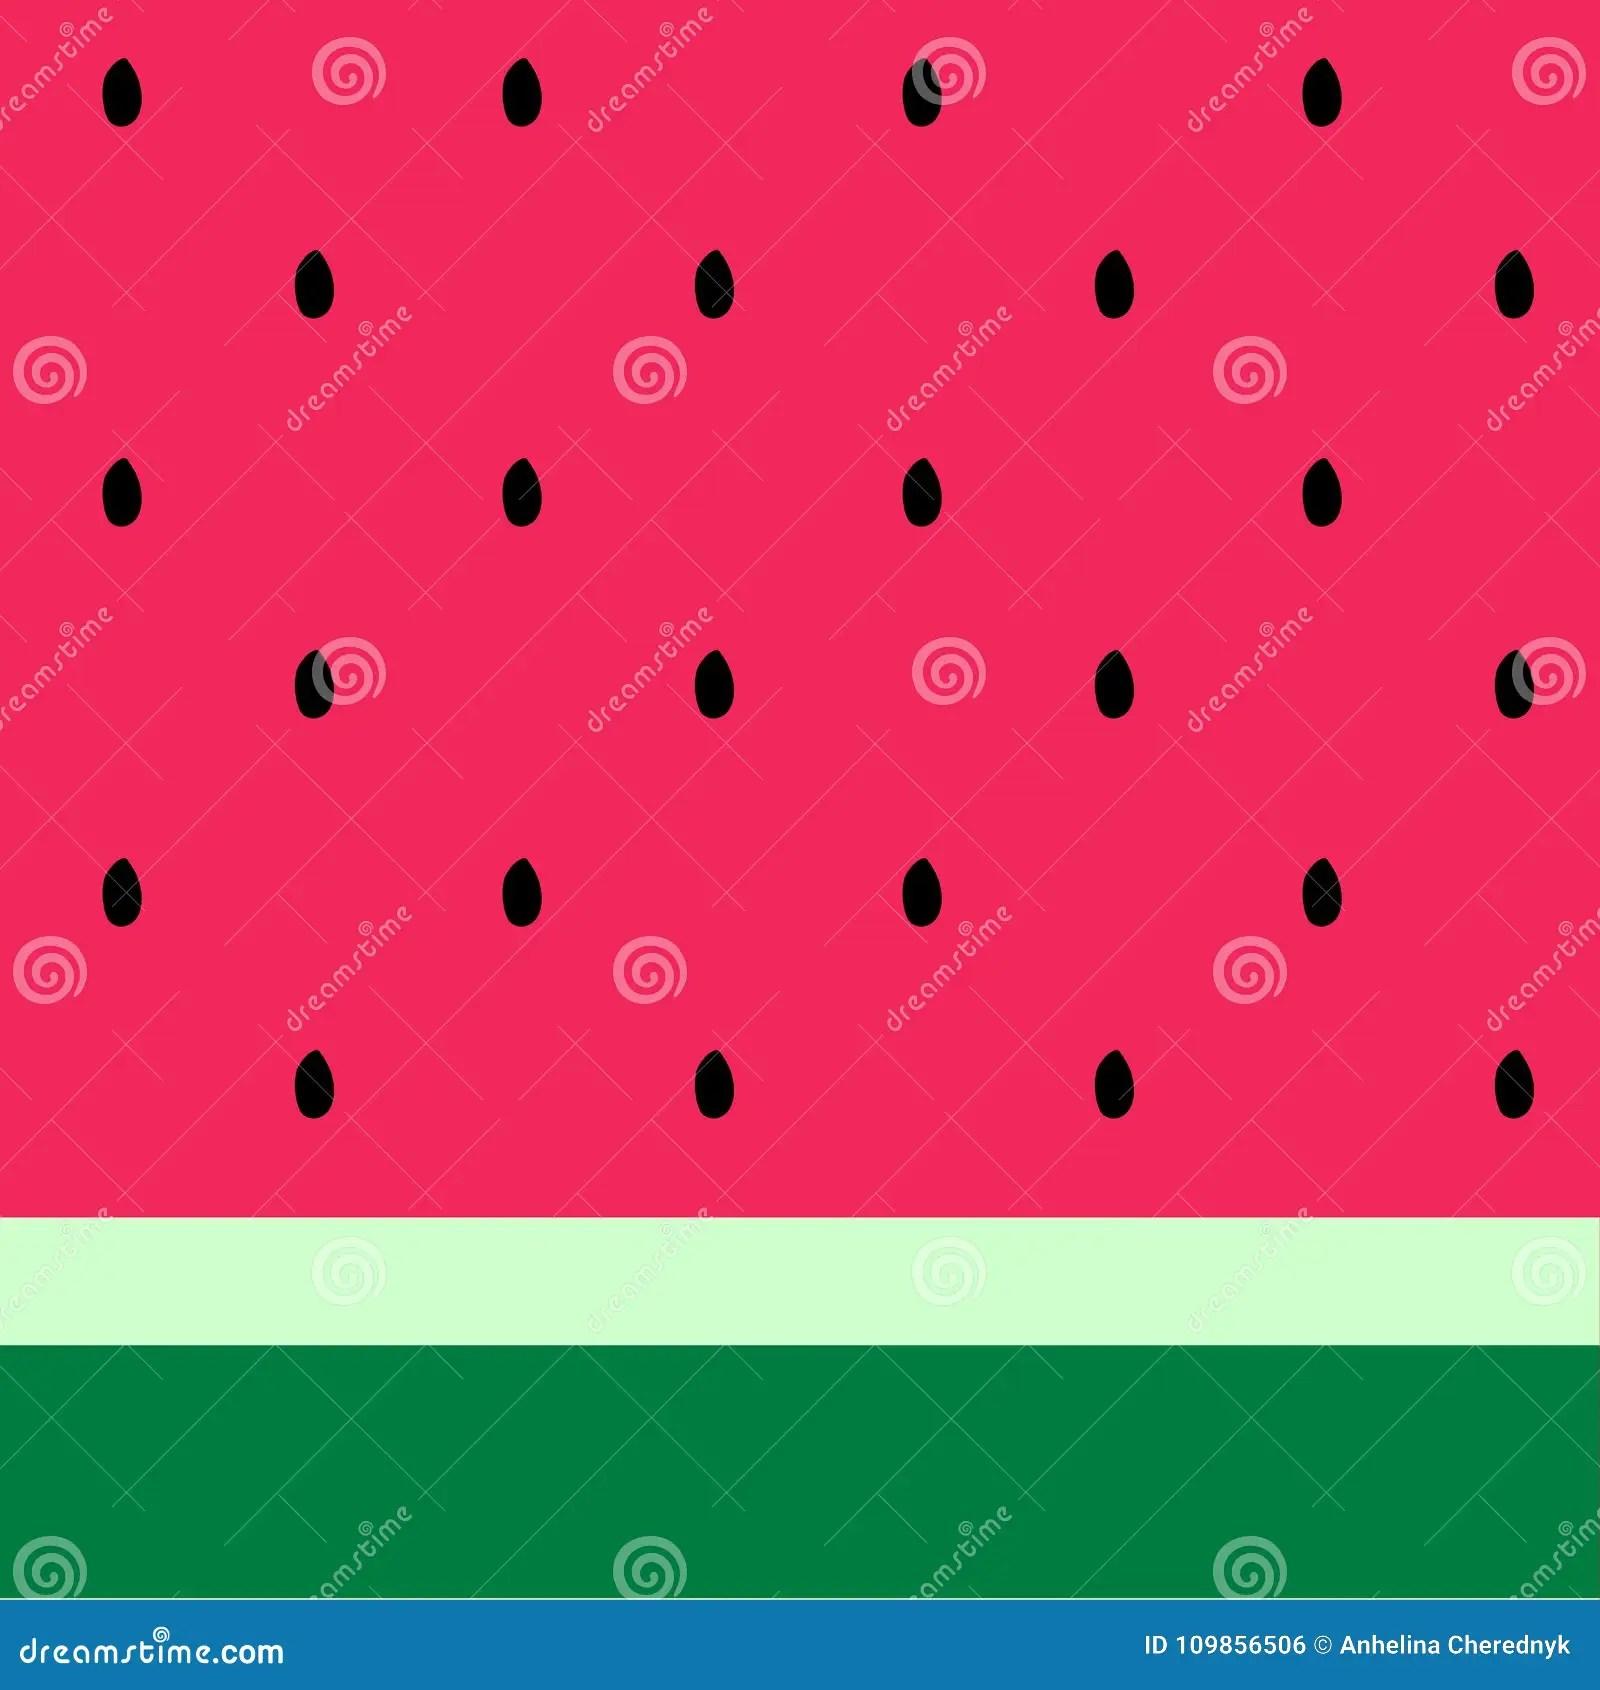 Watermelon Skin Pattern